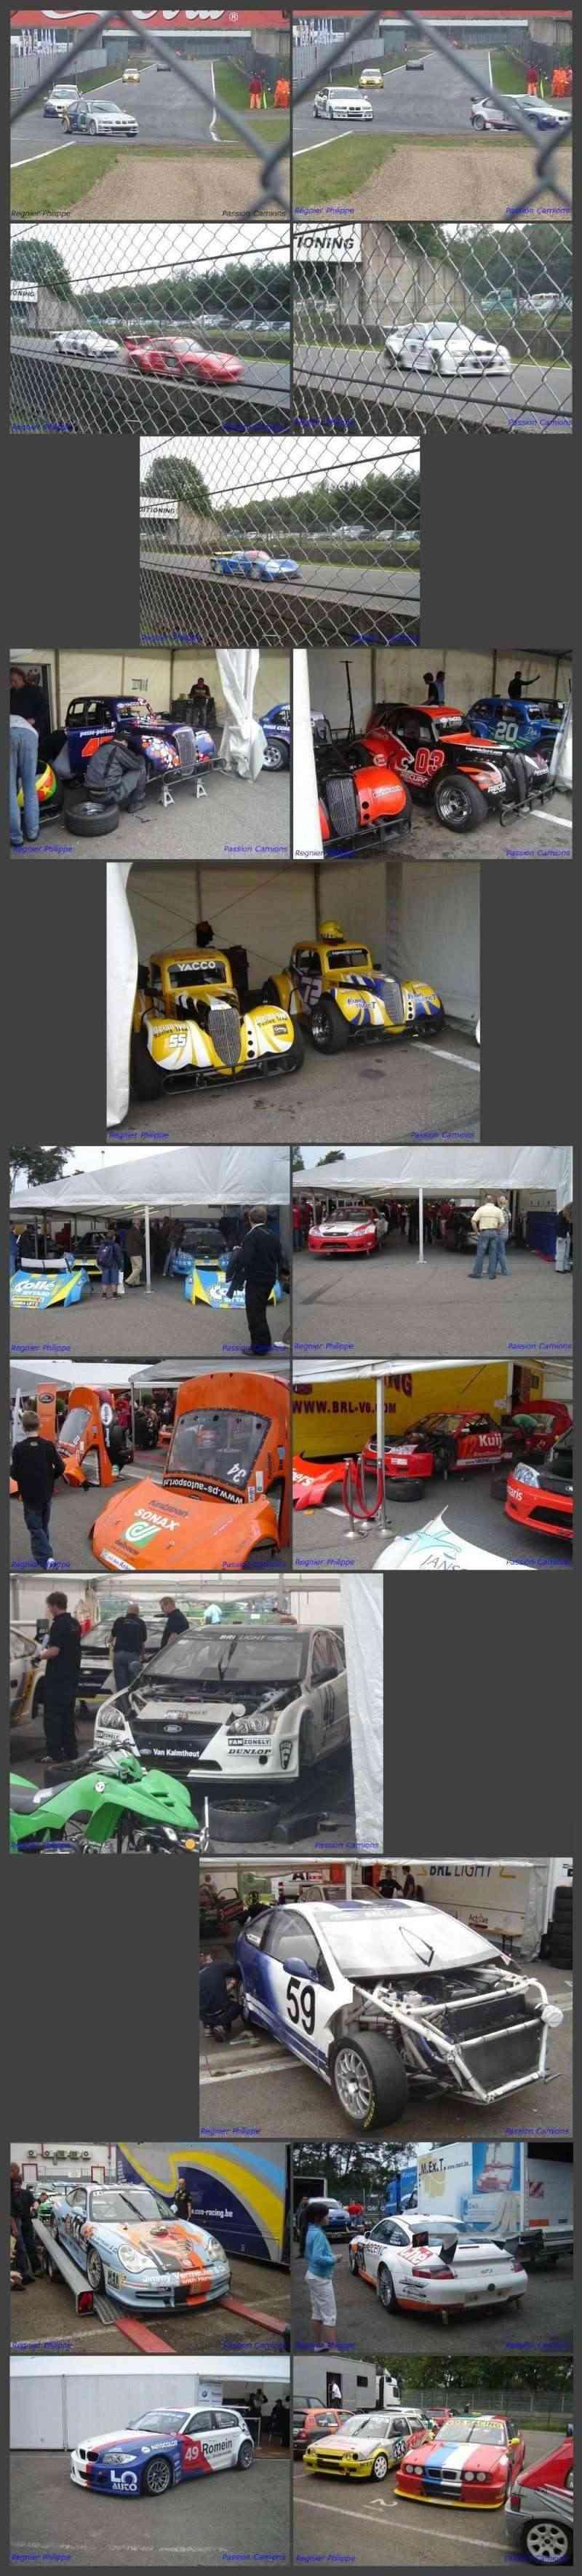 Zolder 2007 la course en images for Le divan 09 02 16